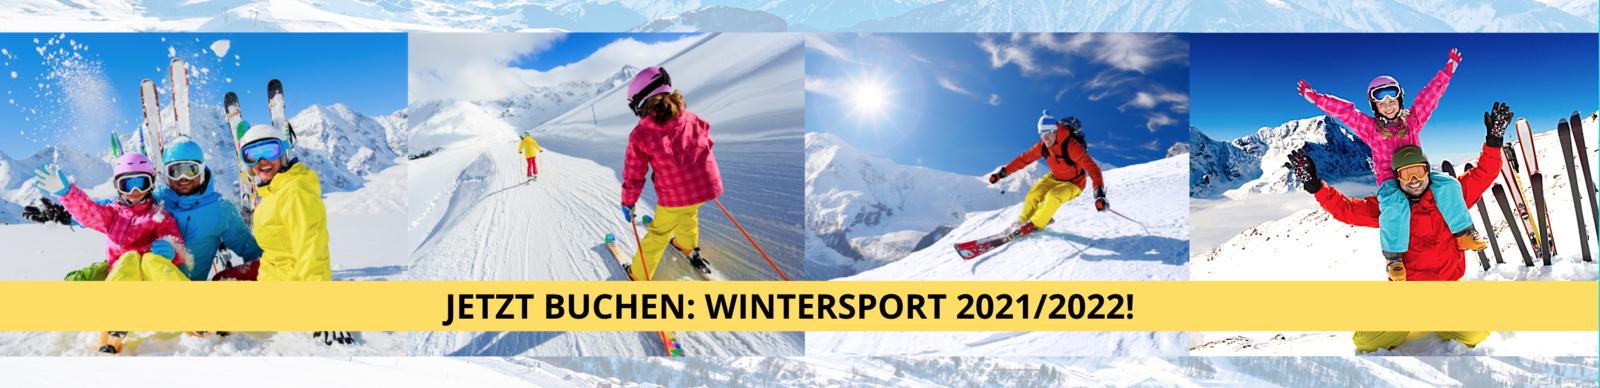 Wintersport buchen 2021/2022